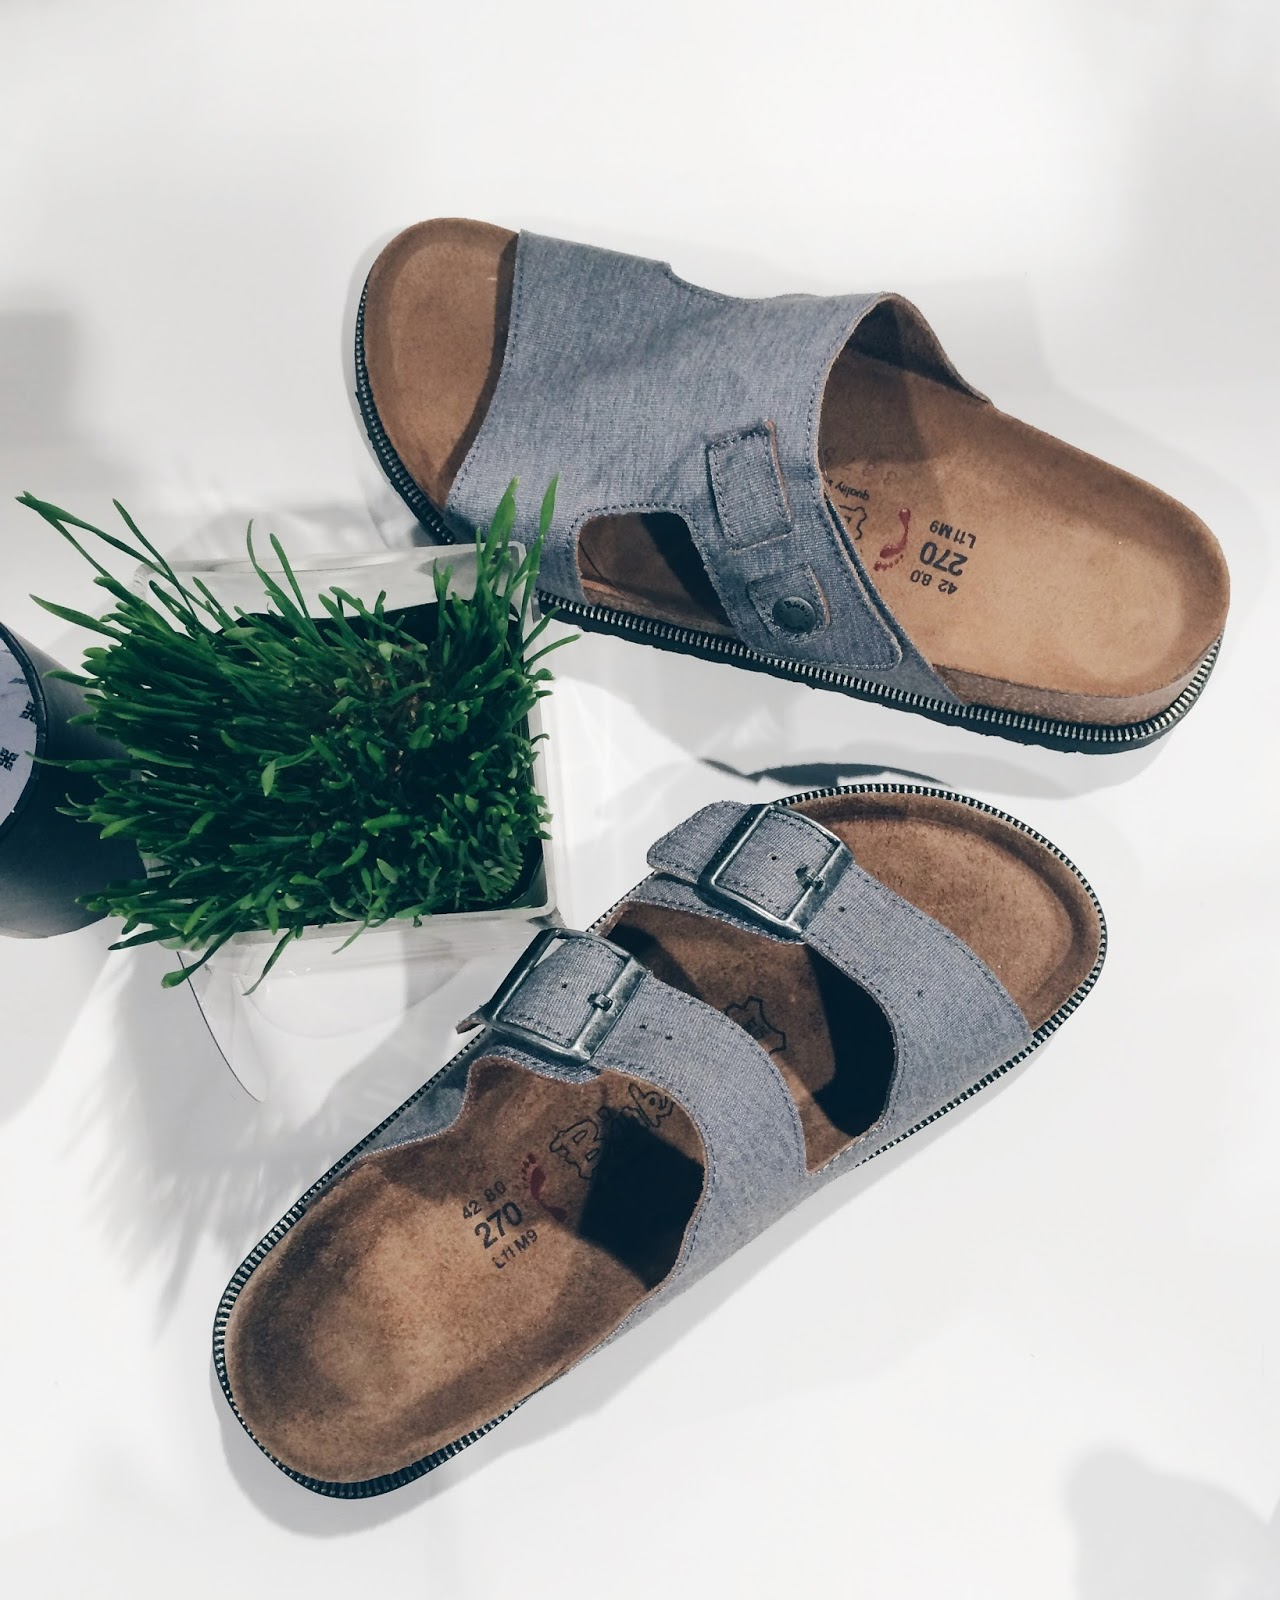 birkenstocks-mens-shoes-ss15.jpg